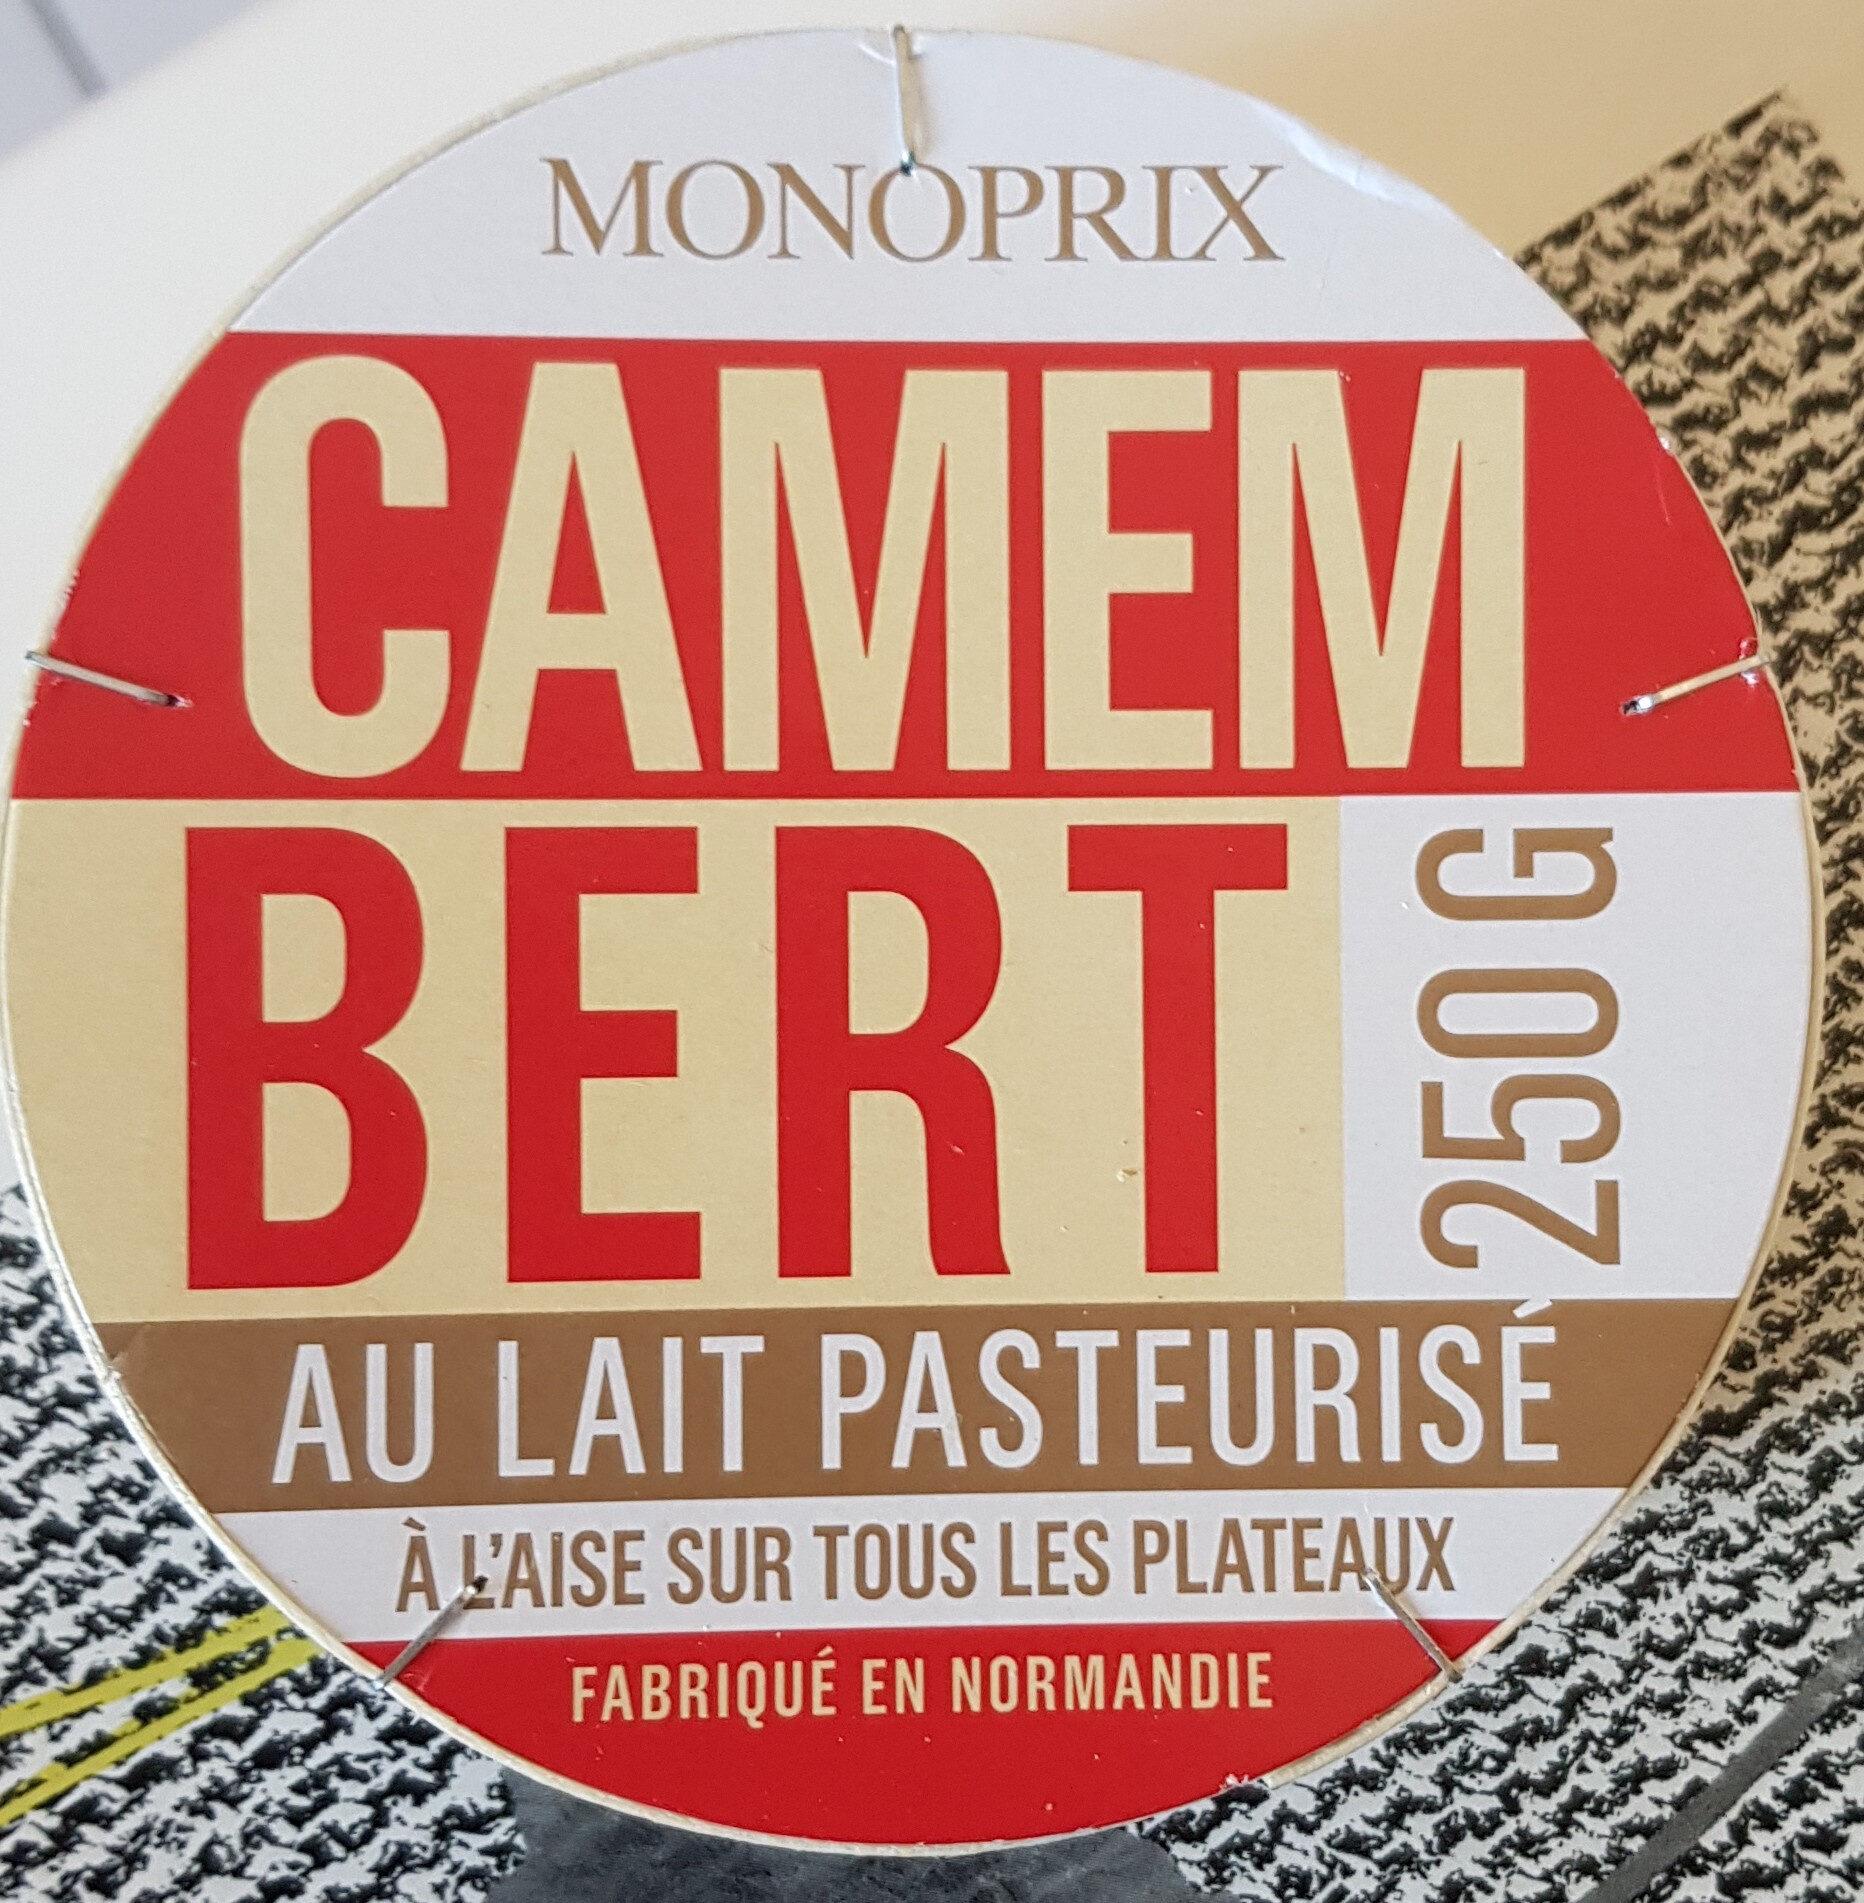 Camembert au lait pasteurisé - 产品 - fr